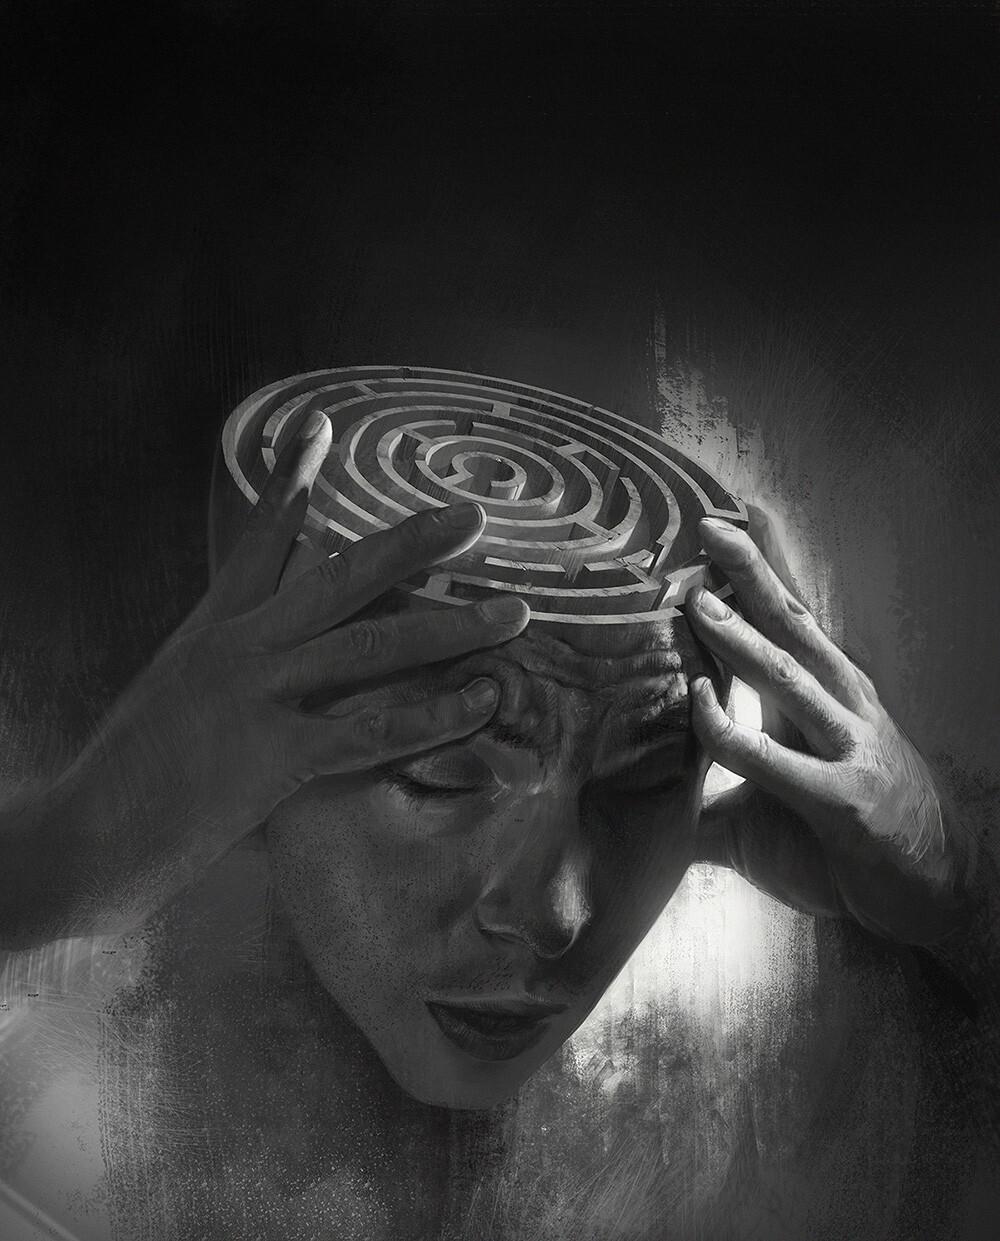 Damian bajowski headache